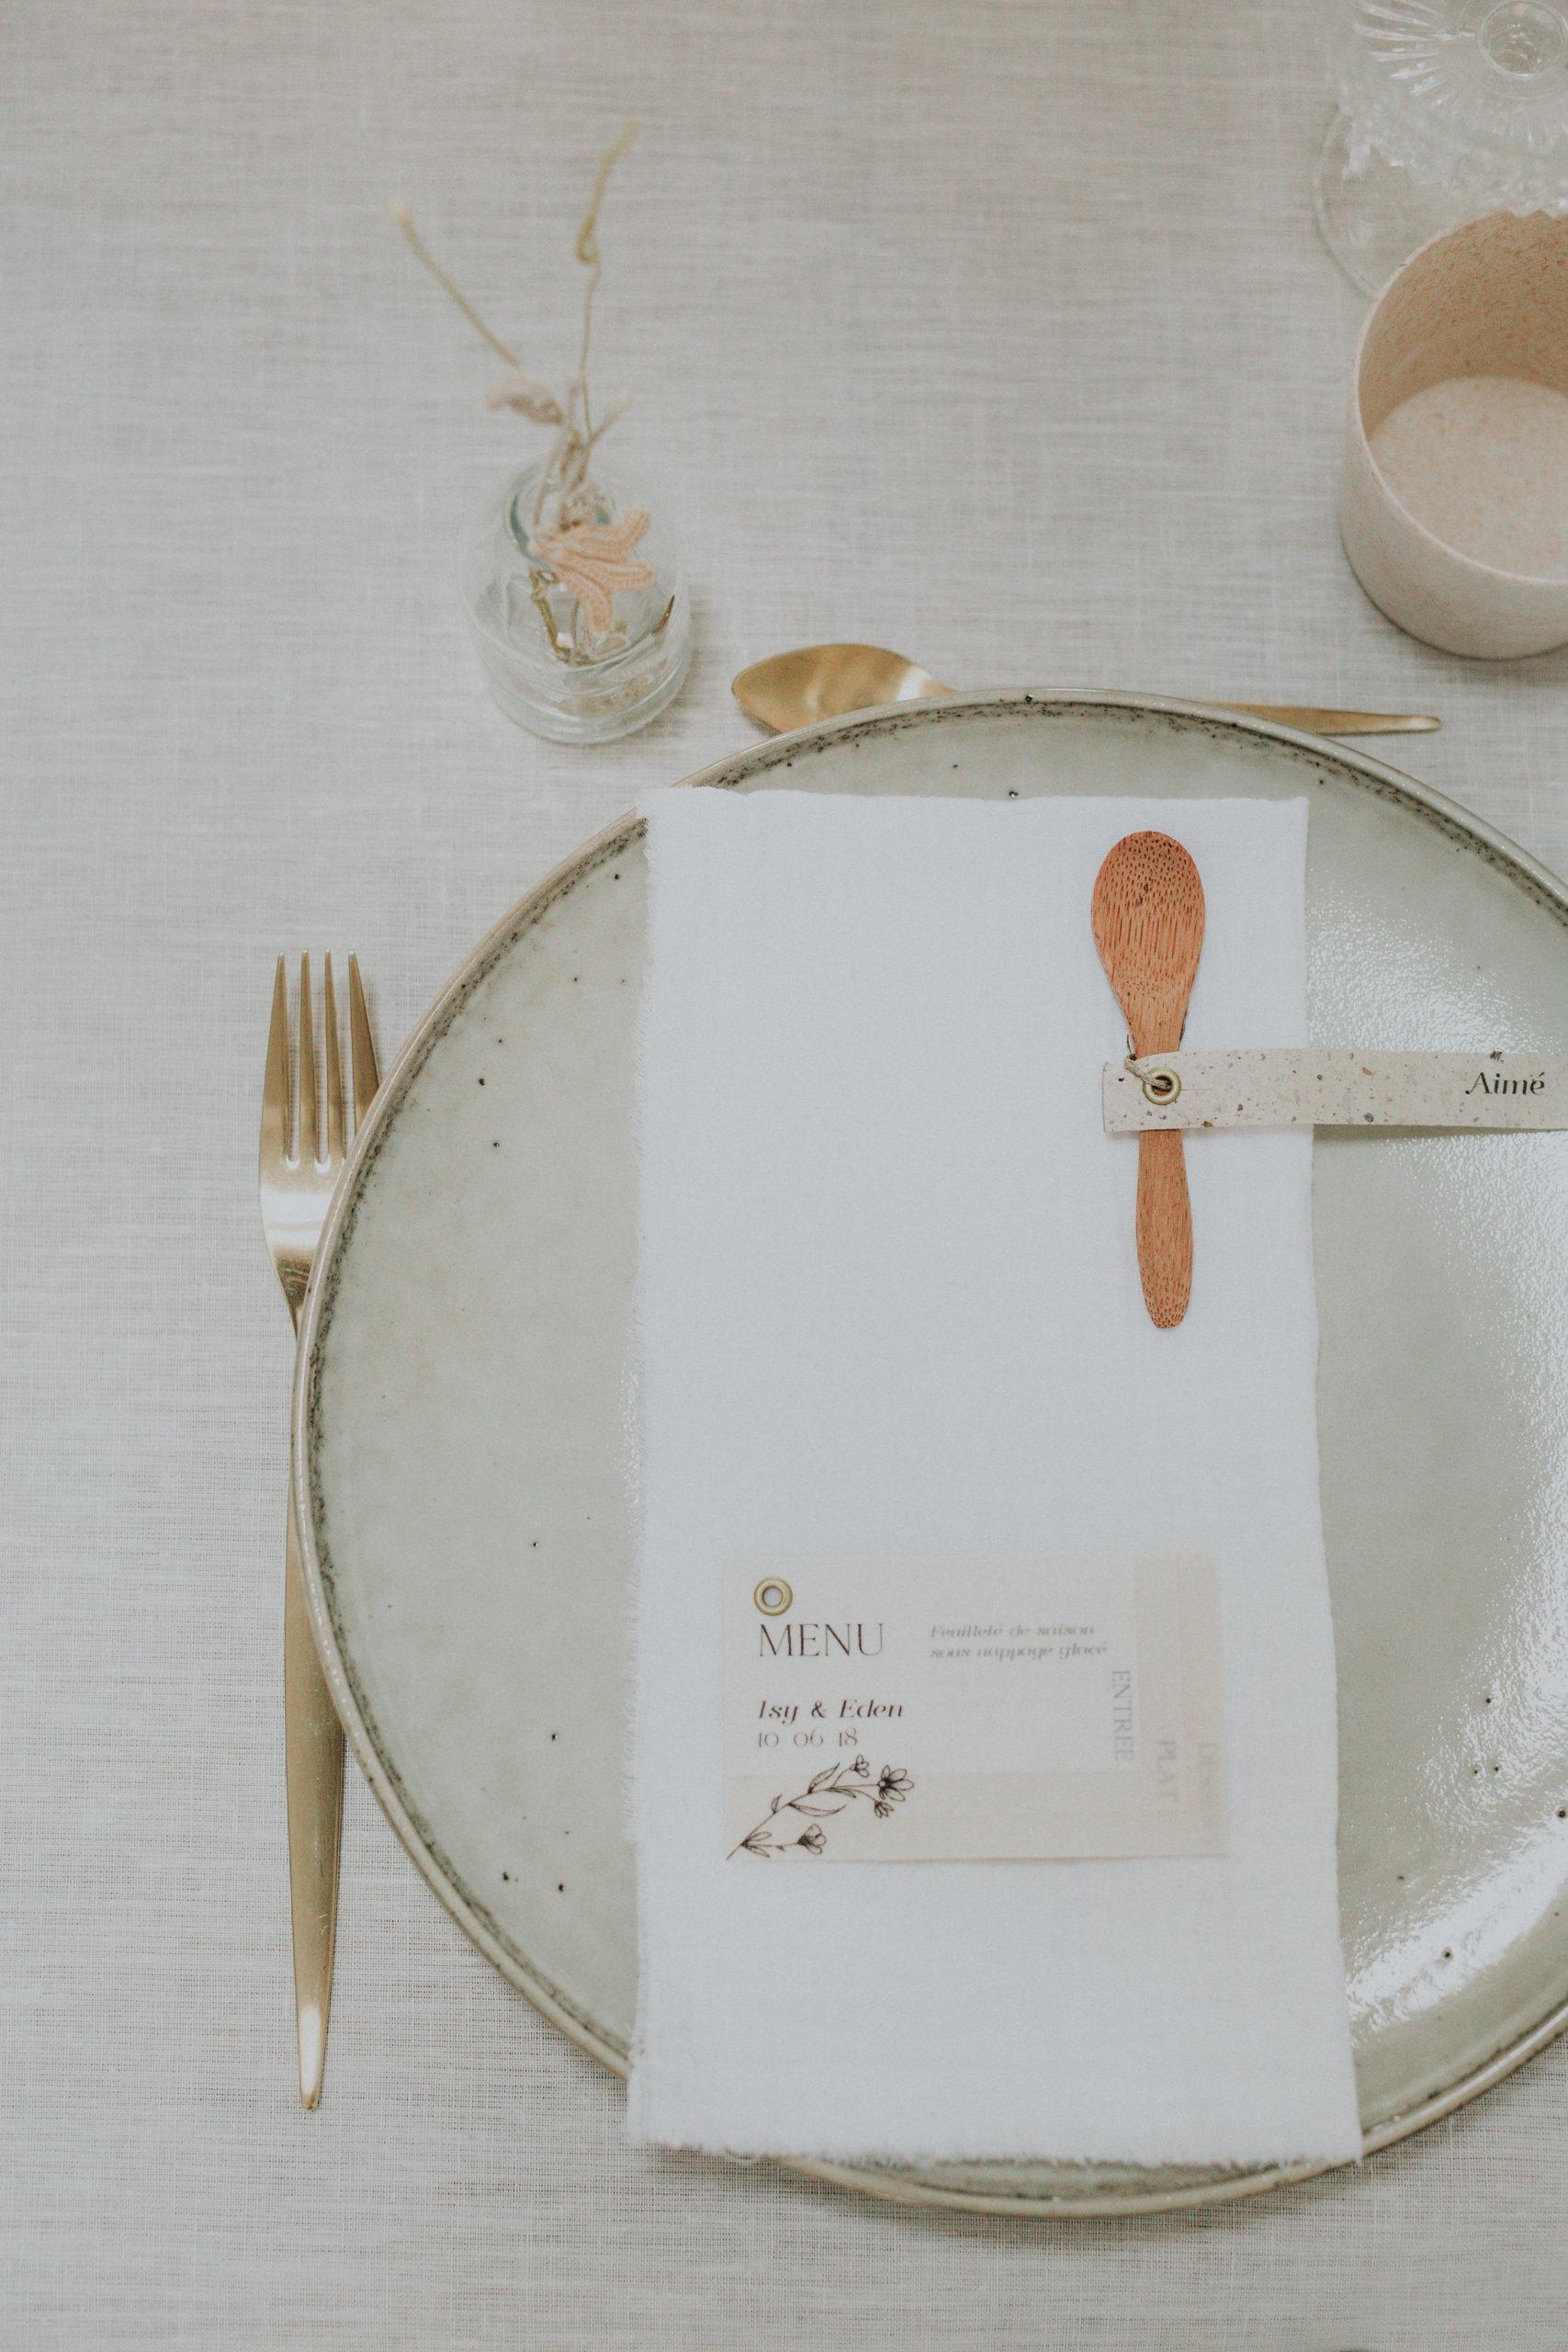 vaiselle menue mariage minimaliste moderne